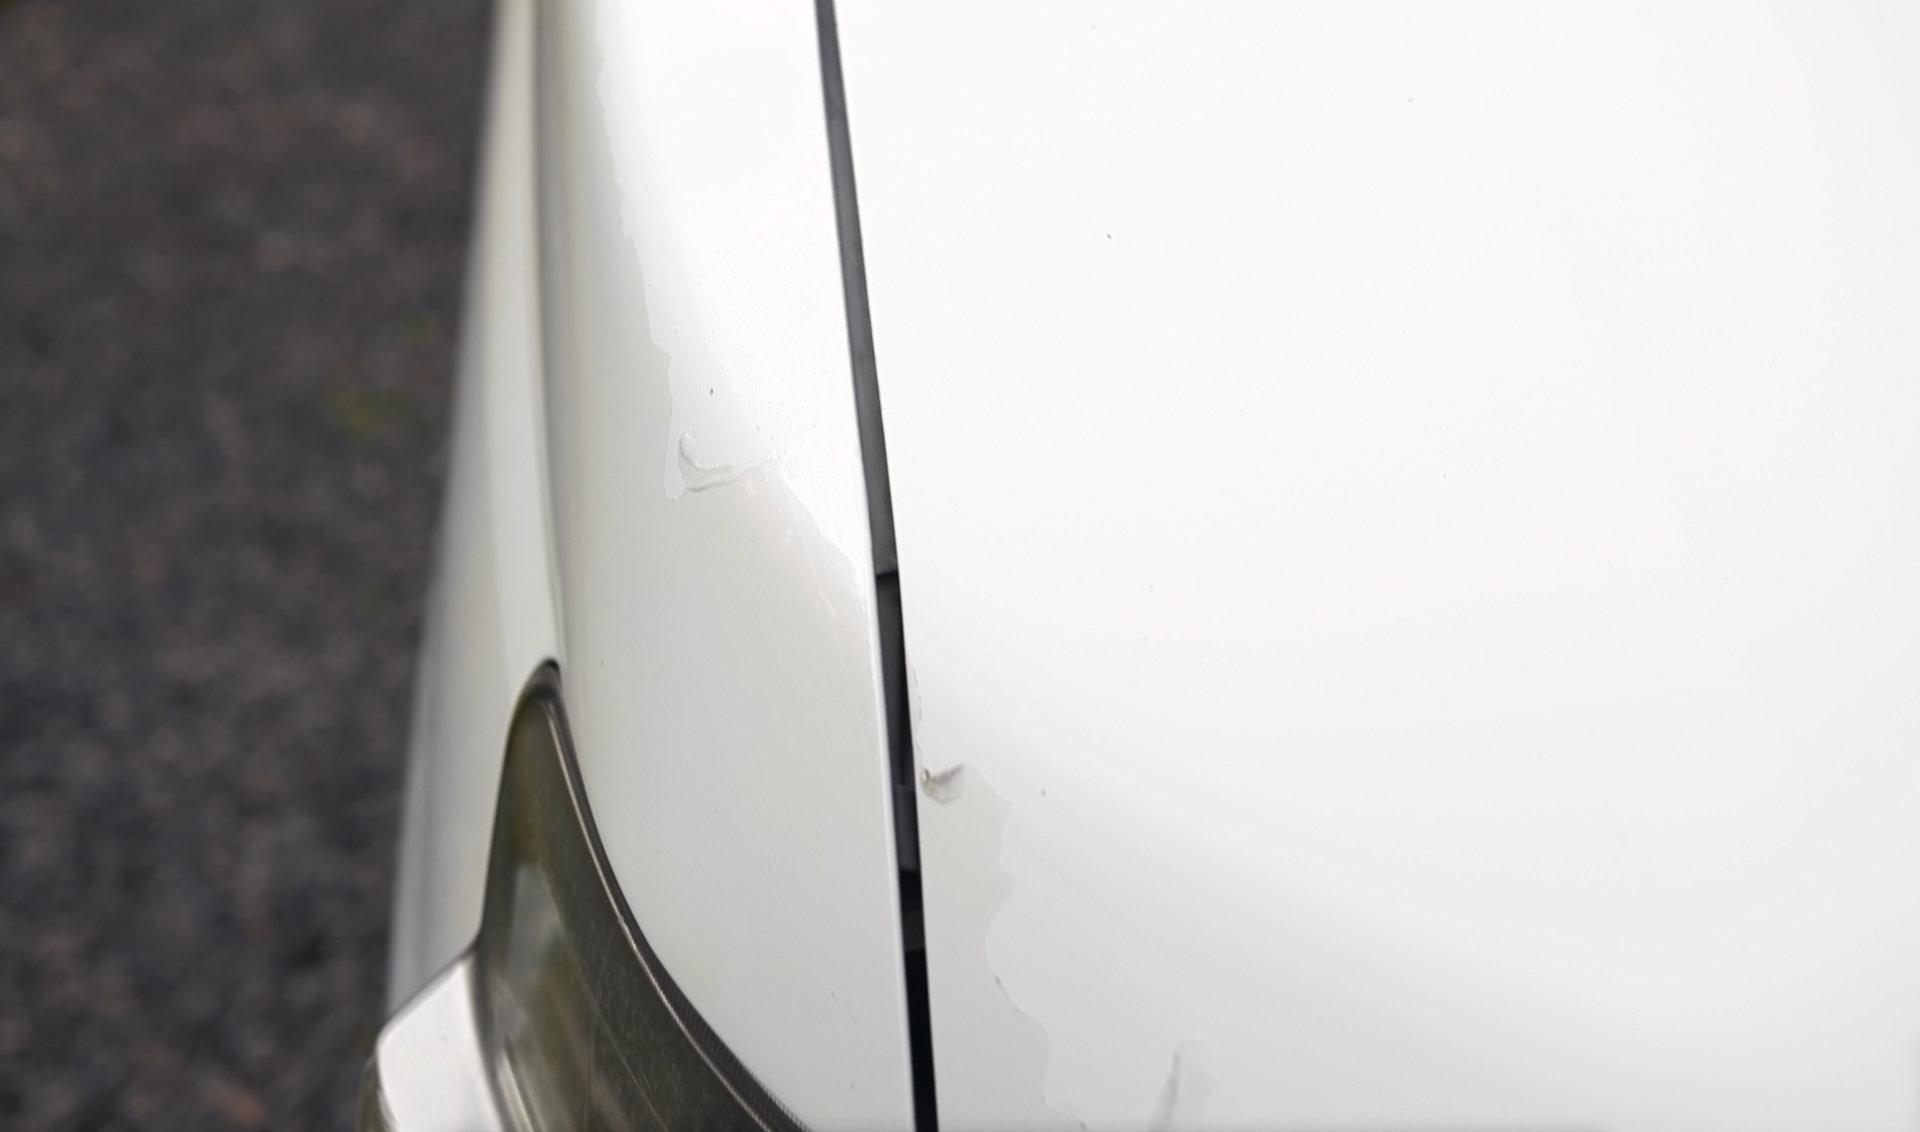 日産セレナ・ボンネットクリアー剥がれ|車塗装